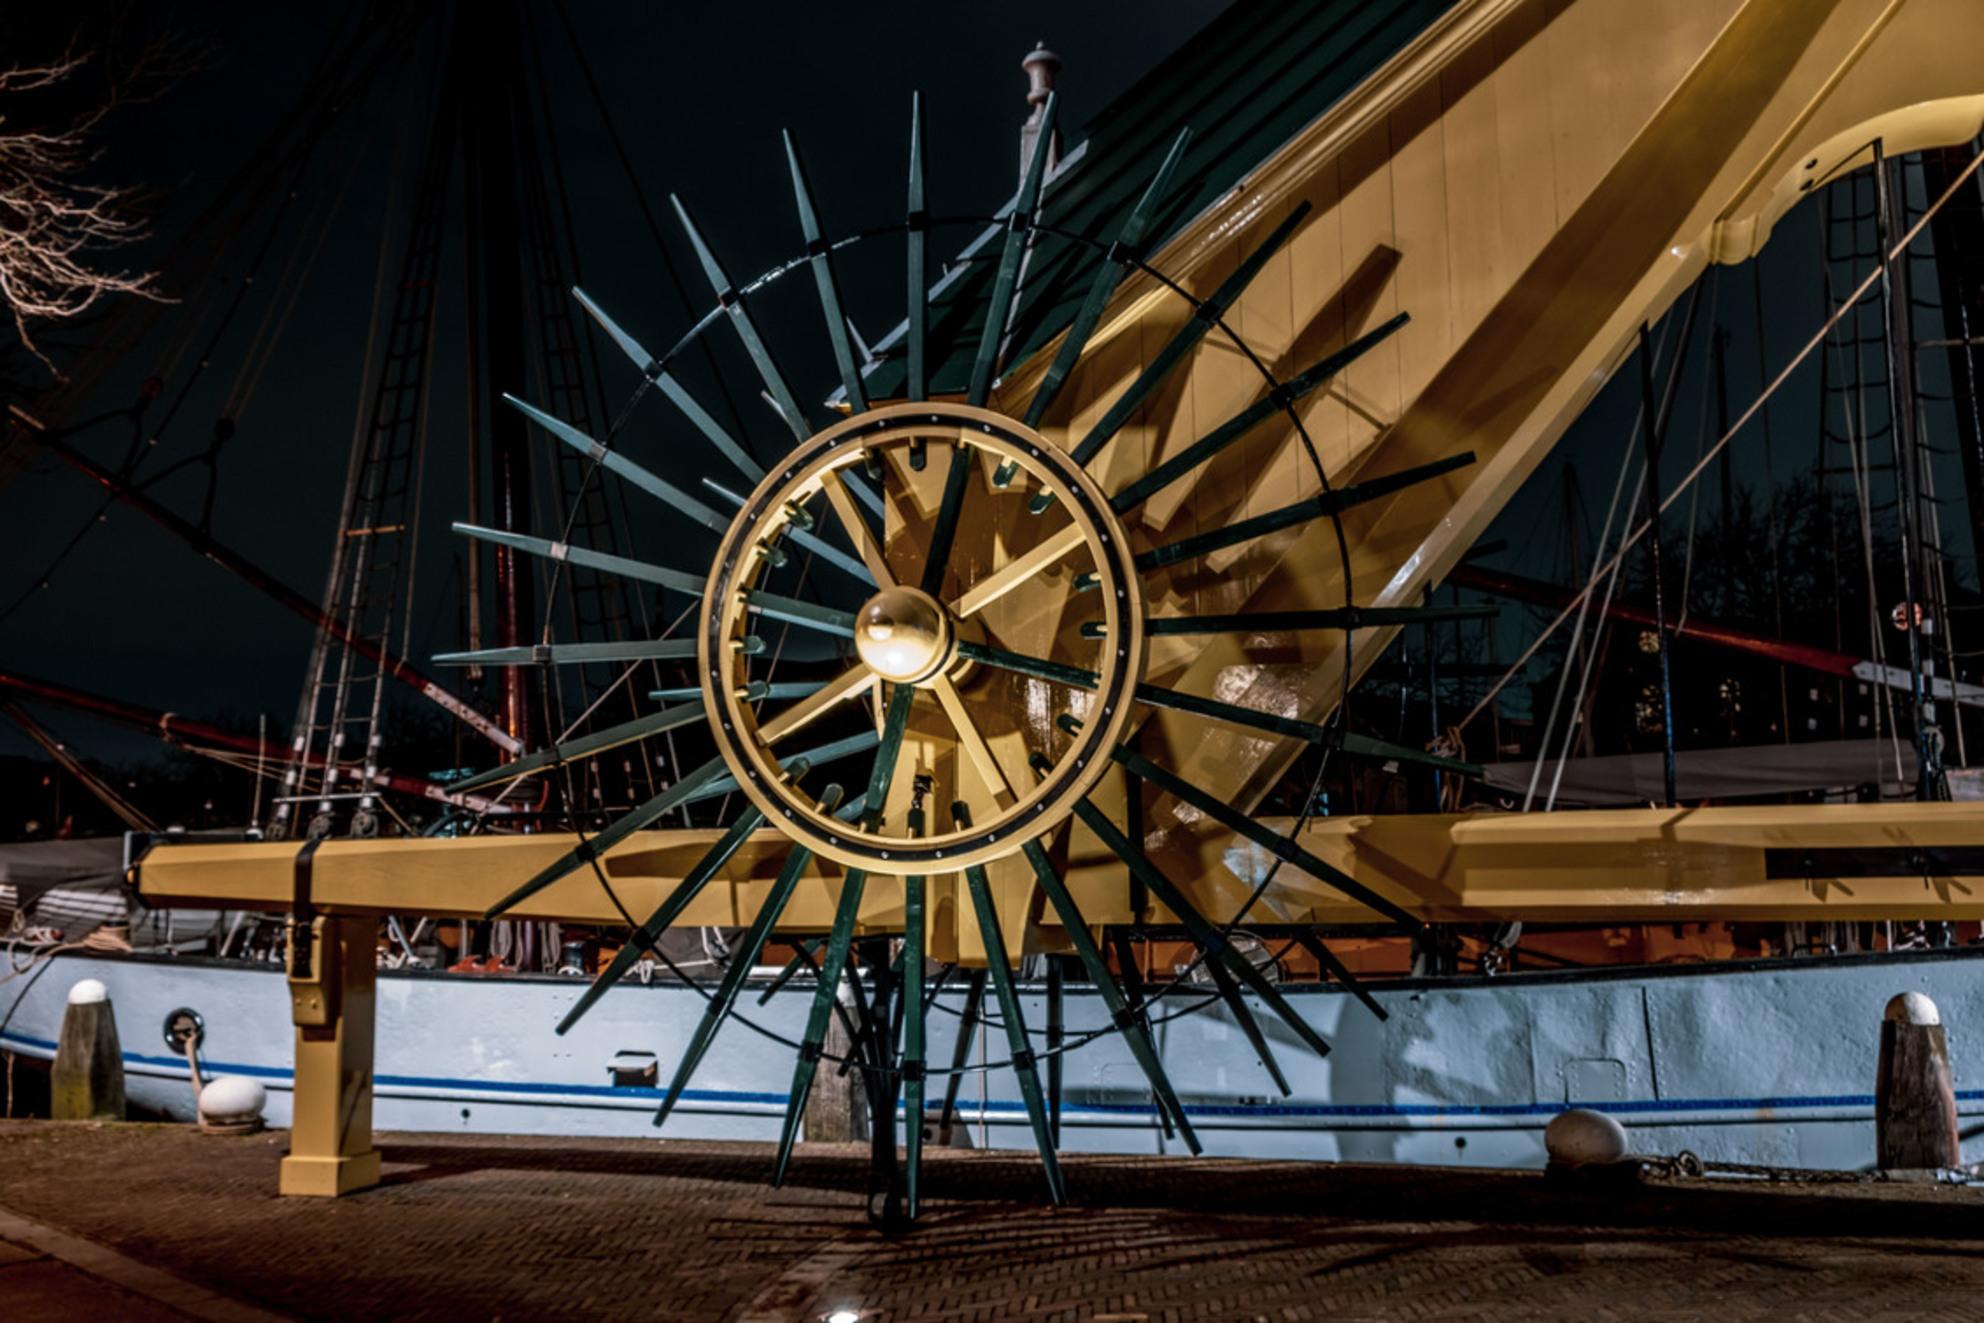 Kraan in de nacht - - - foto door jesperdrenth op 28-02-2021 - deze foto bevat: oud, abstract, water, avond, spiegeling, schaduw, stad, haven, nacht - Deze foto mag gebruikt worden in een Zoom.nl publicatie